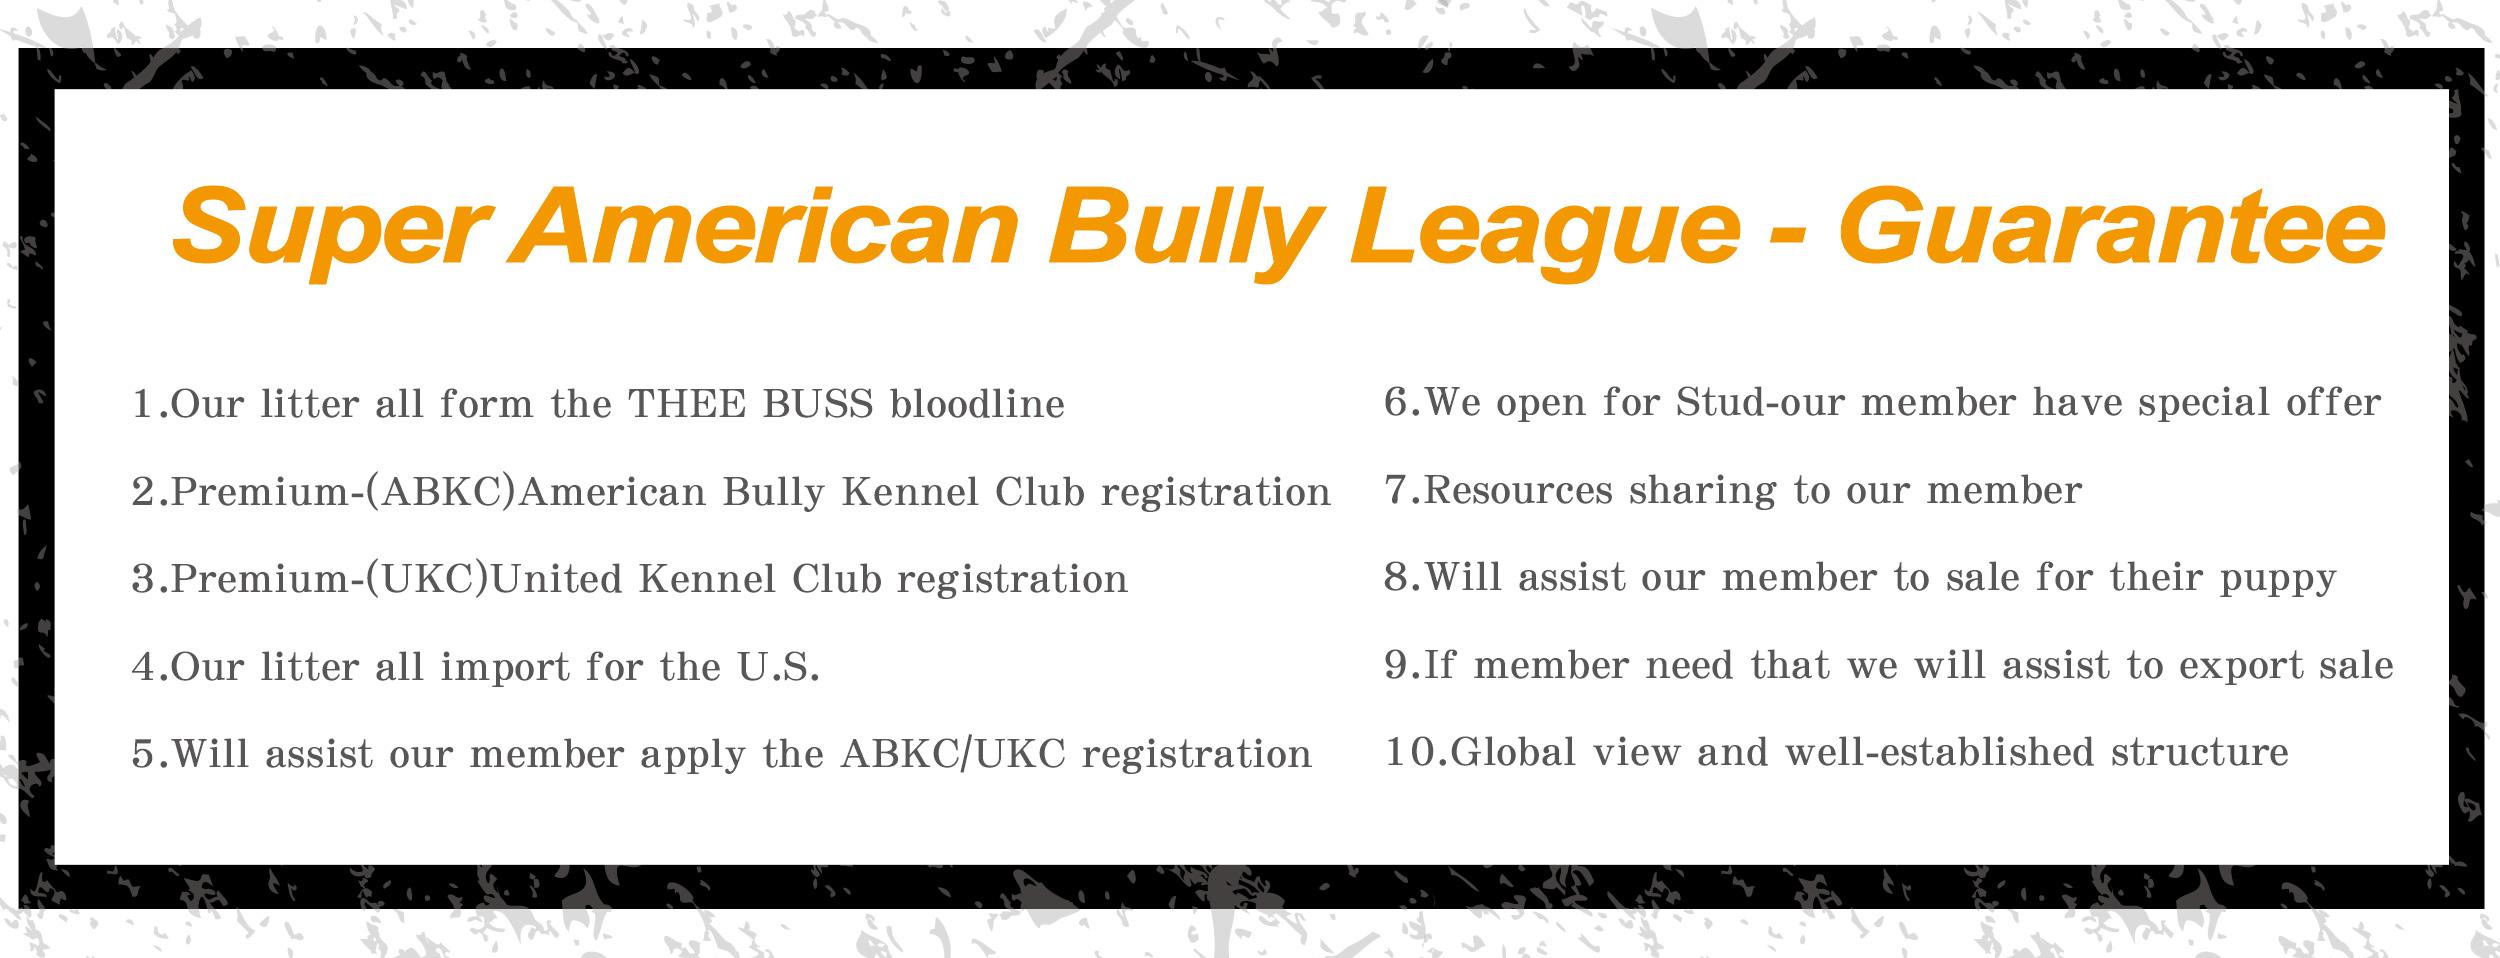 Super American Bully League-Guarantee – Super American Bully